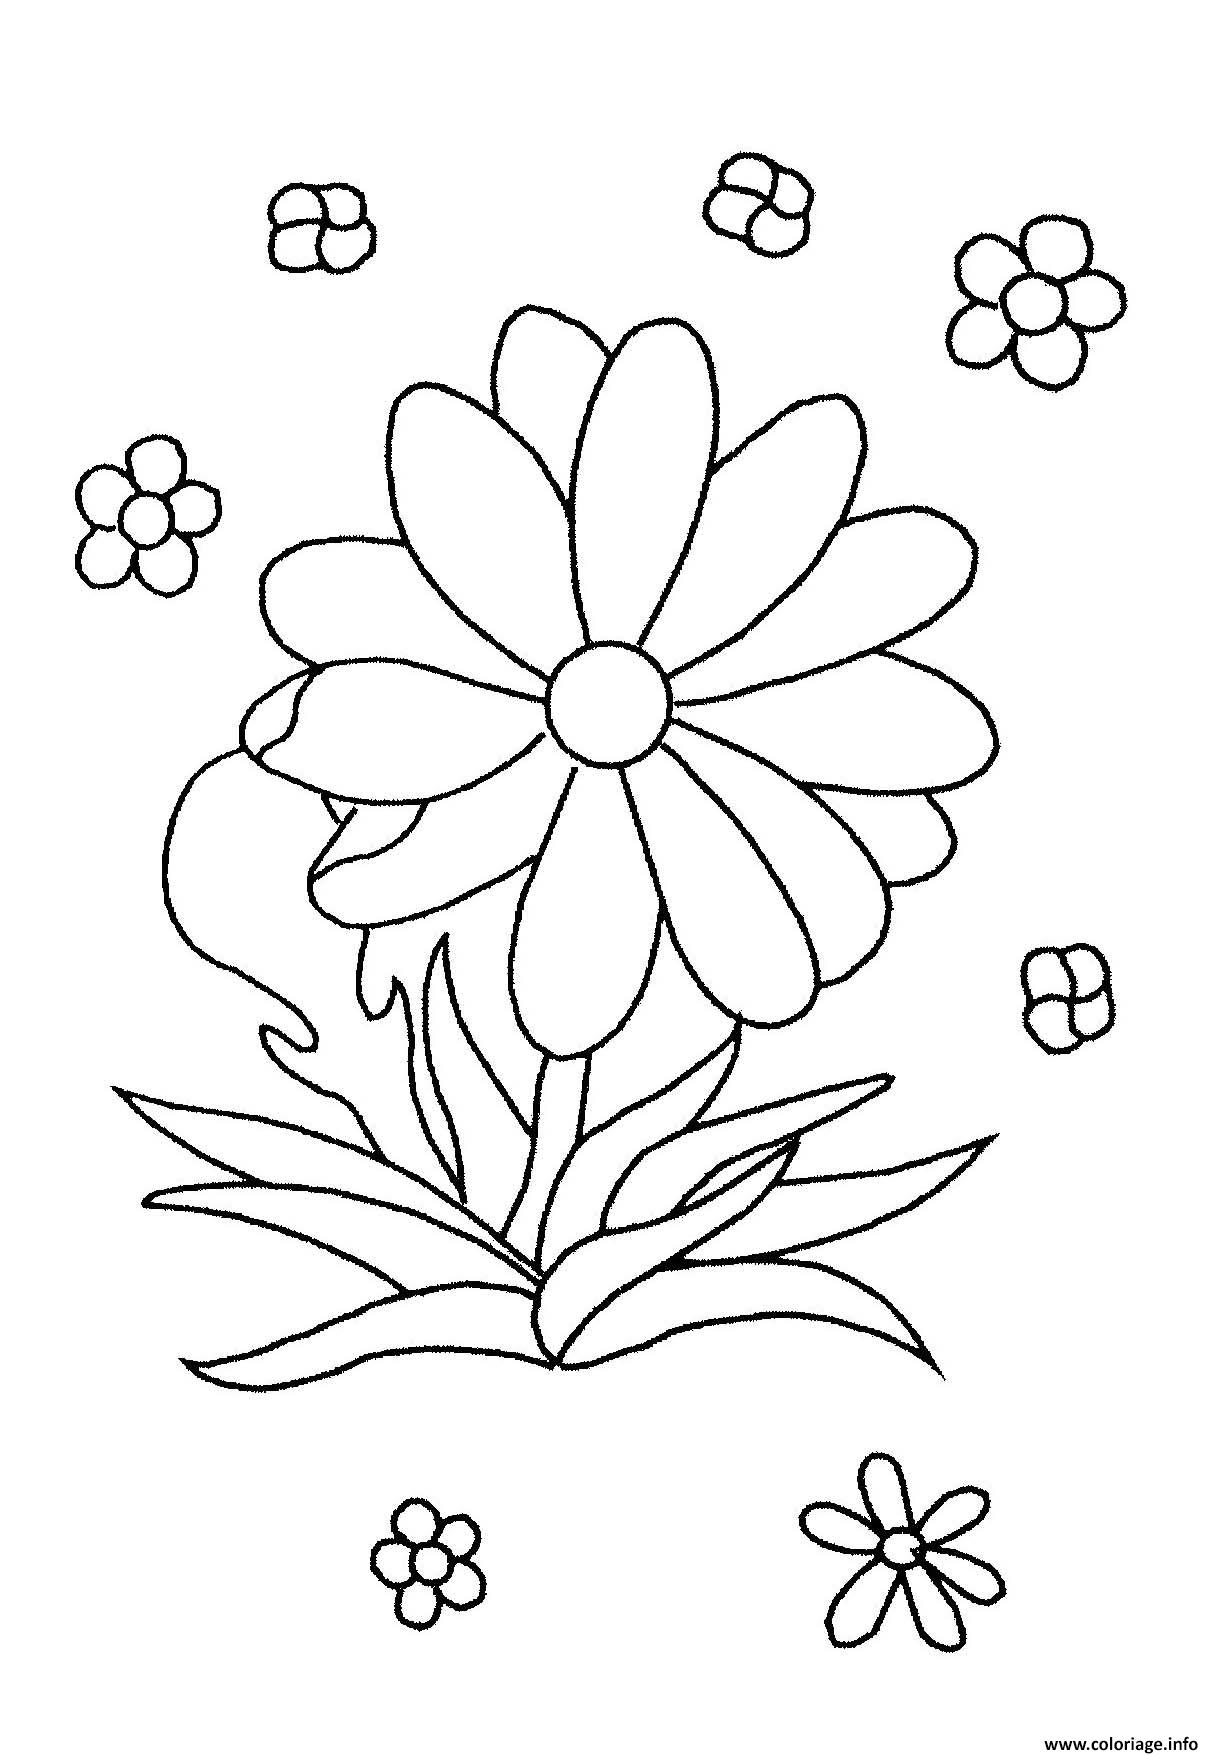 Dessin fleur simple facile maternelle Coloriage Gratuit à Imprimer